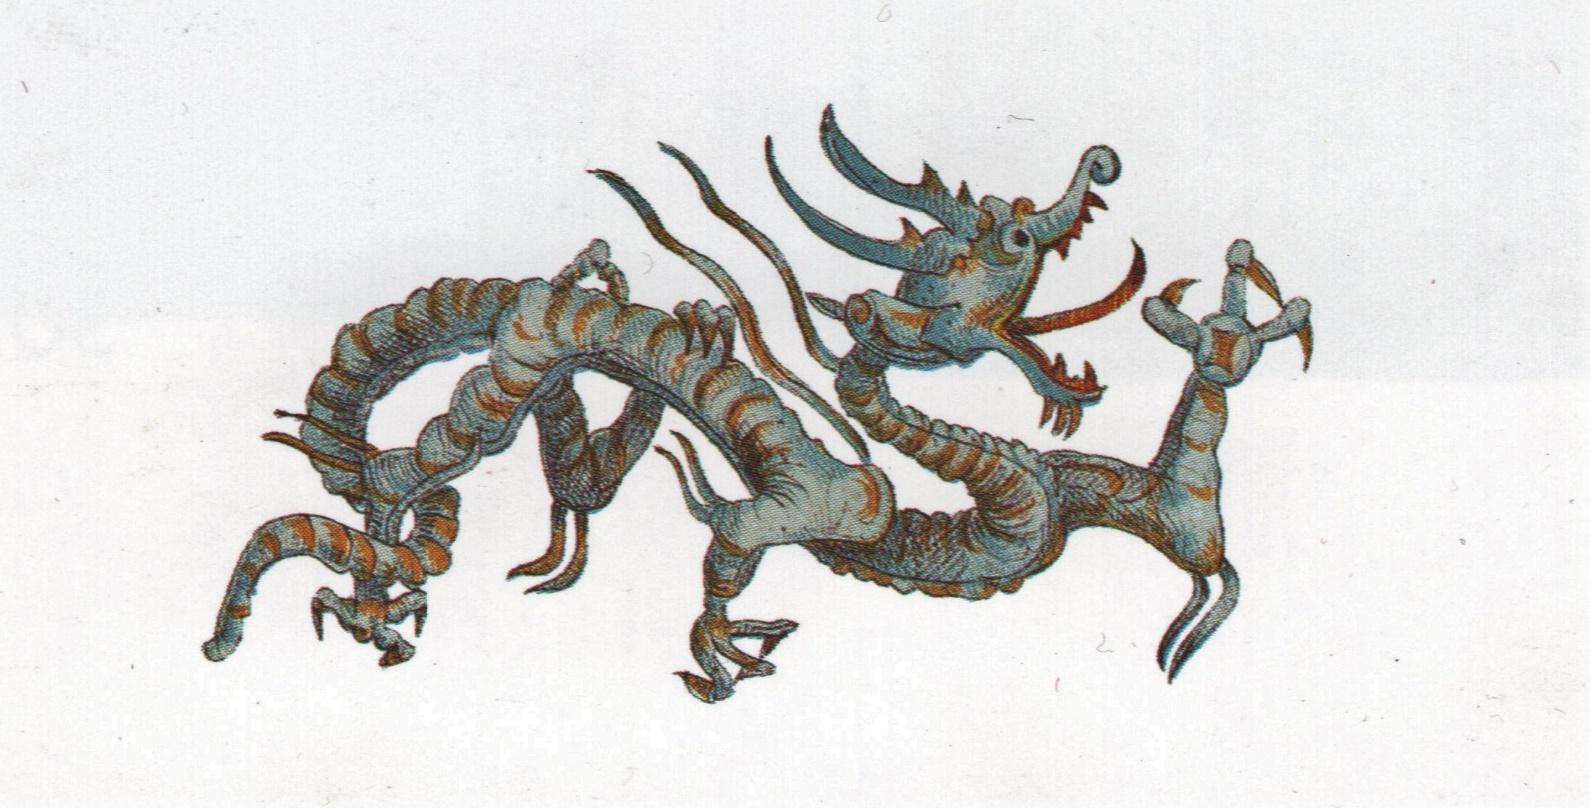 Une image contenant reptile  Description générée automatiquement